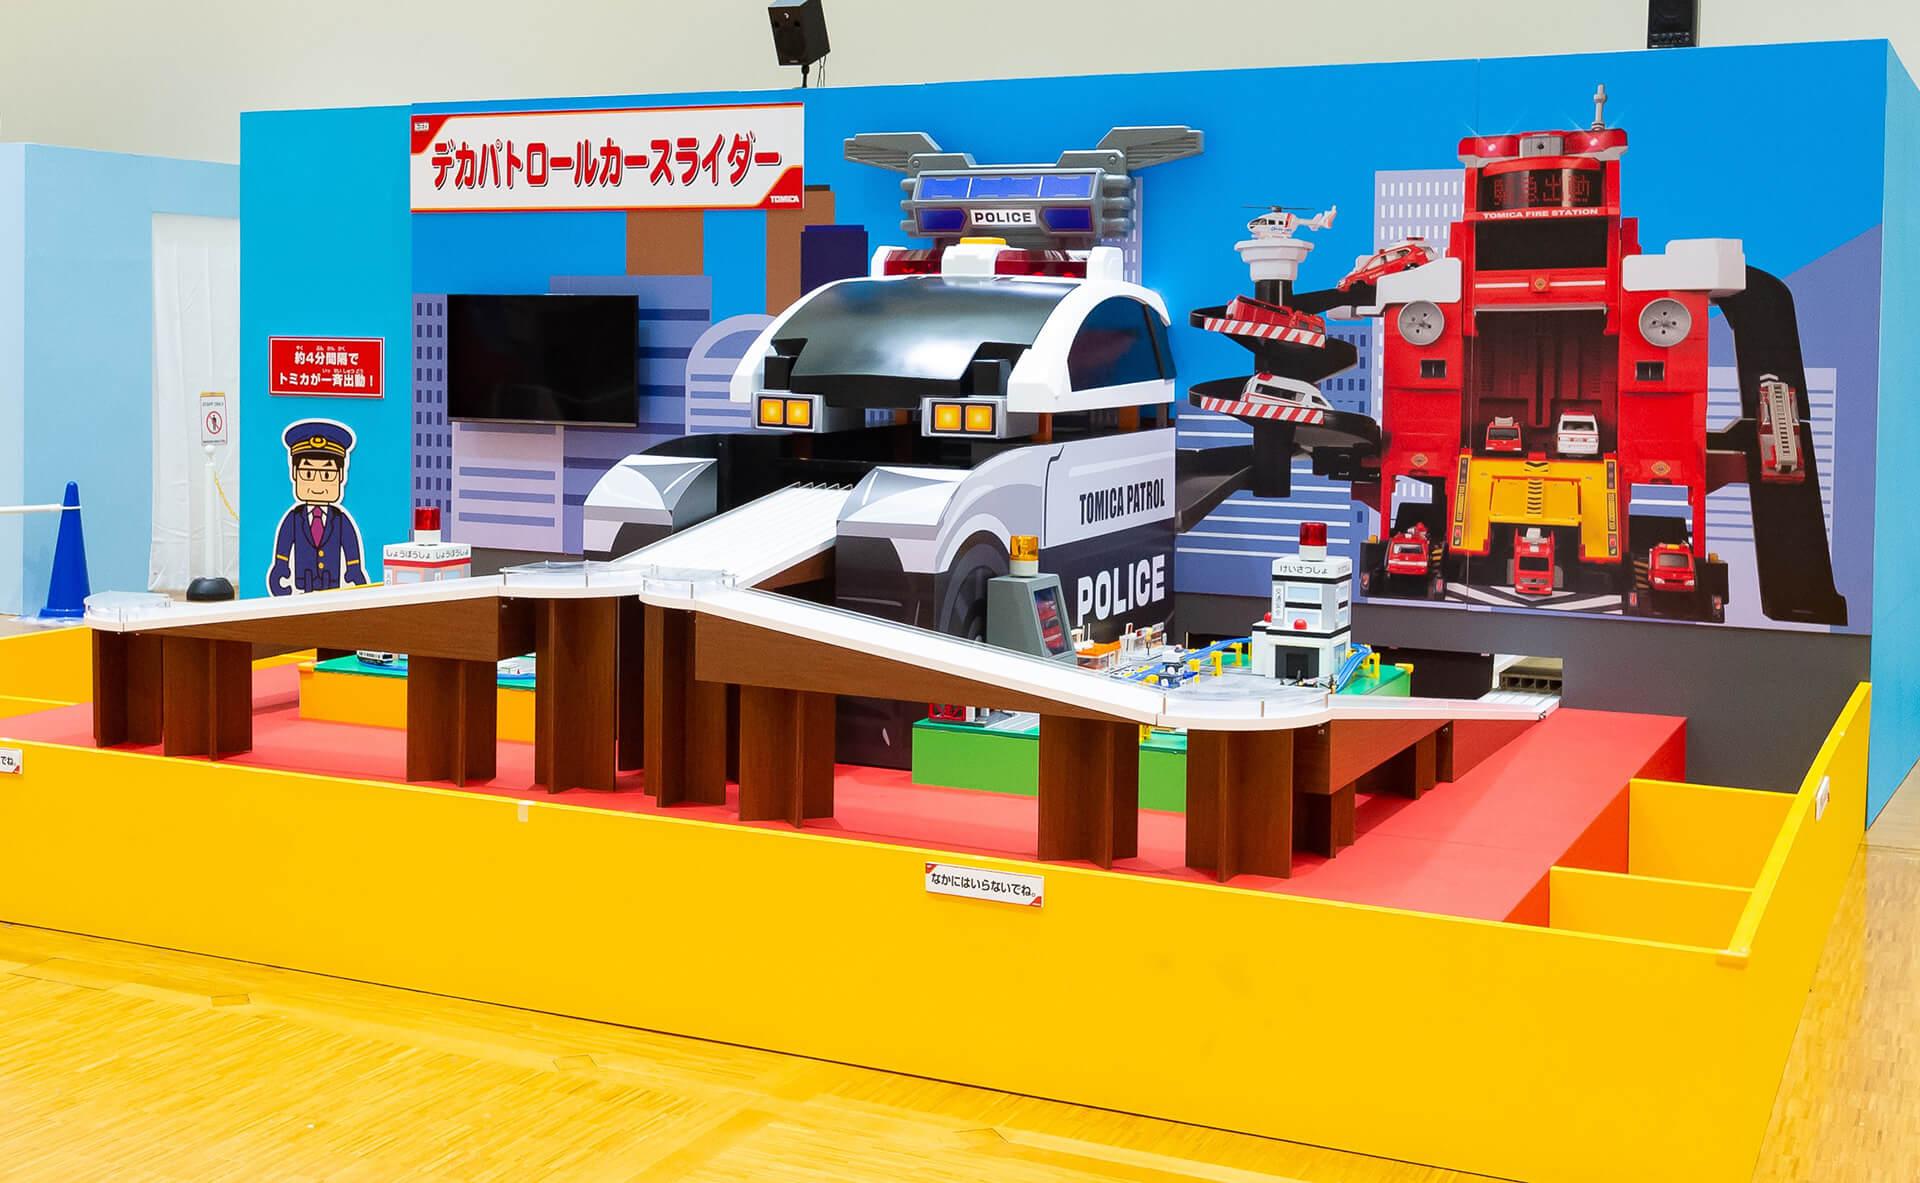 この写真はトミカ博のデカパトロールカースライダーです